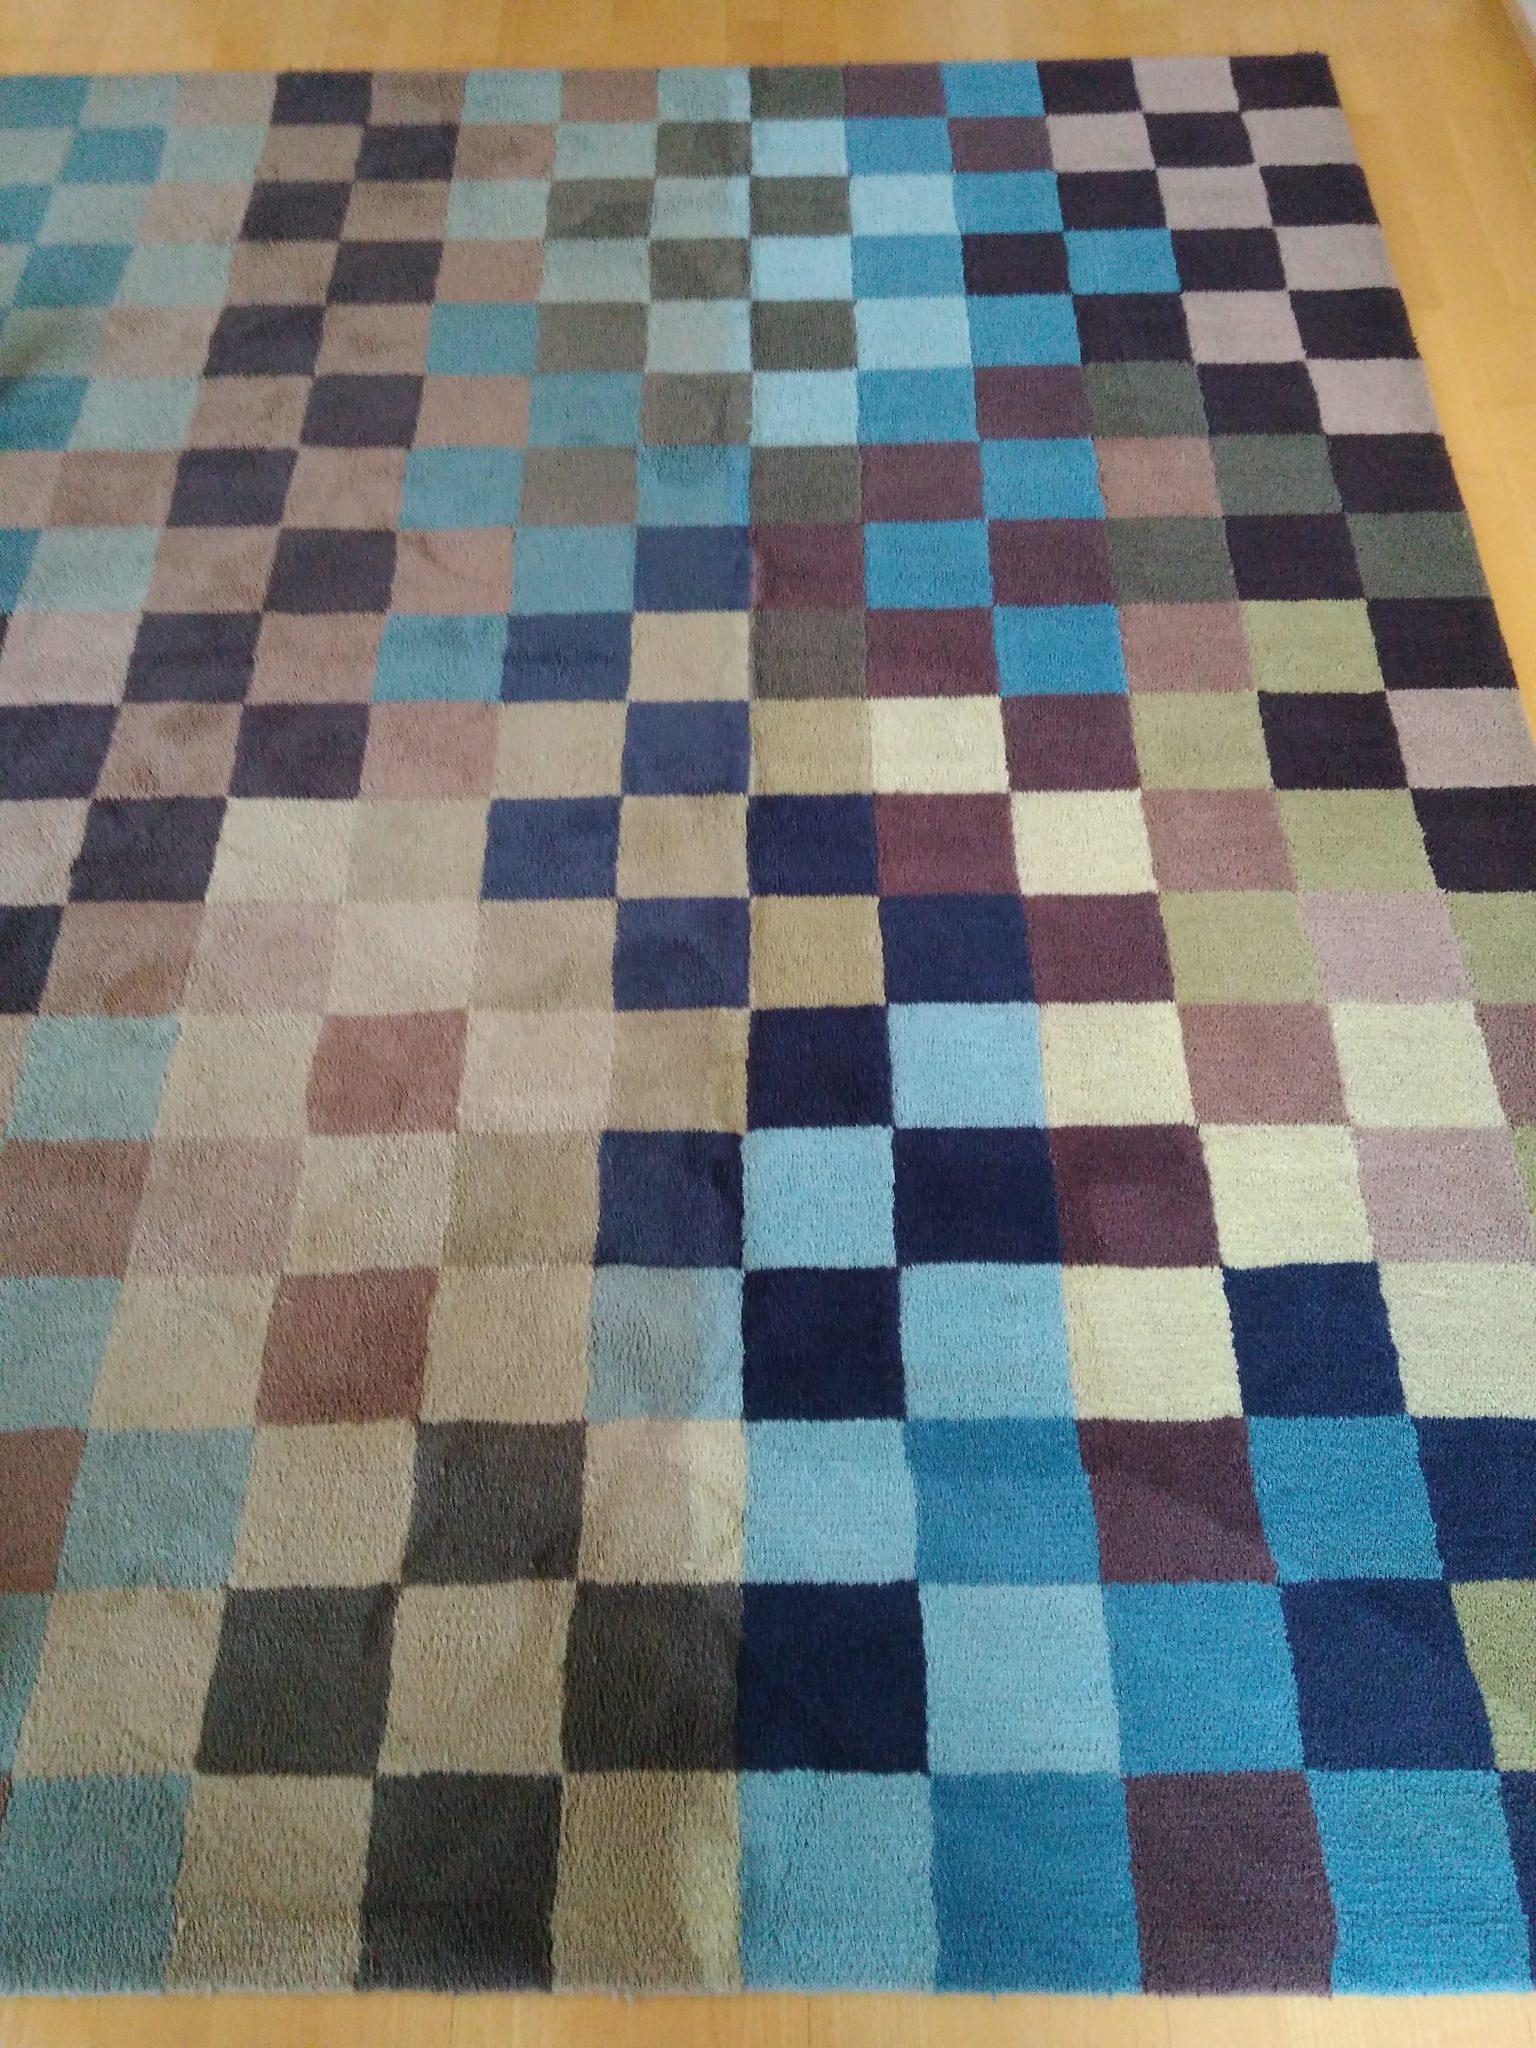 pranie dywanów, wykładzin gdańsk